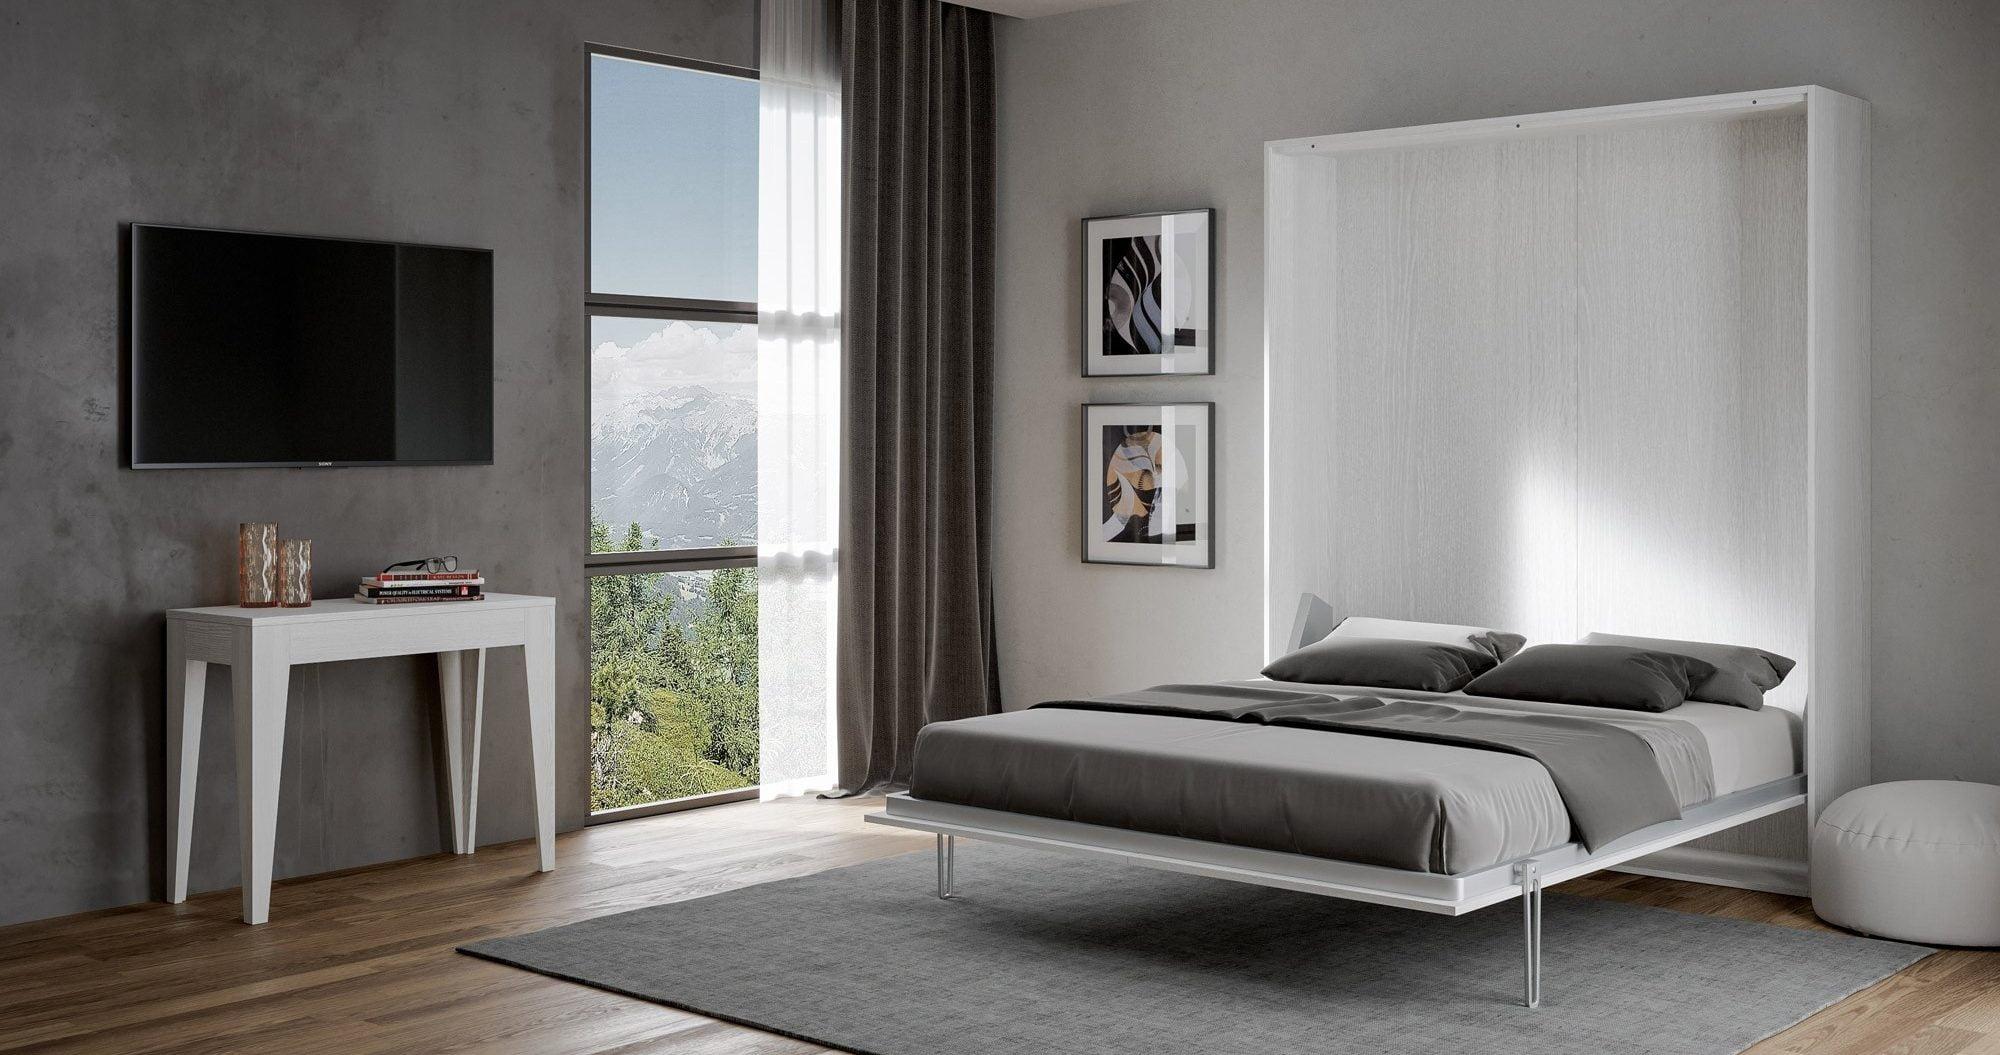 Yerden tasarruf sağlayan yatak odası: alanlar nasıl optimize edilir